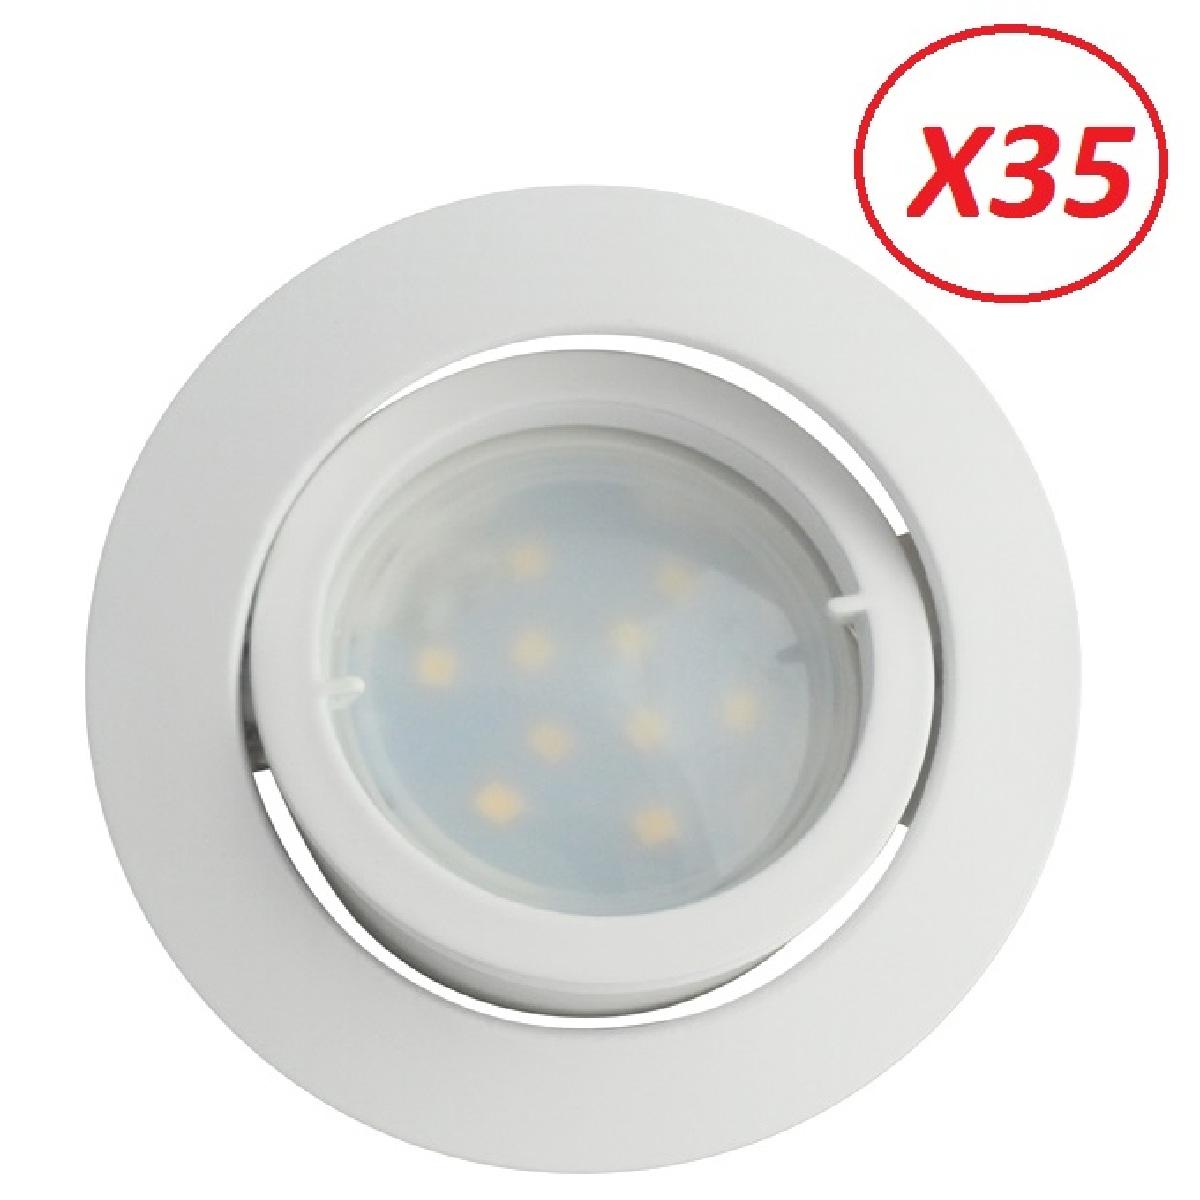 Lampesecoenergie Lot de 35 Spot Led Encastrable Complete Blanc Orientable lumière Blanc Neutre eq. 50W ref.888